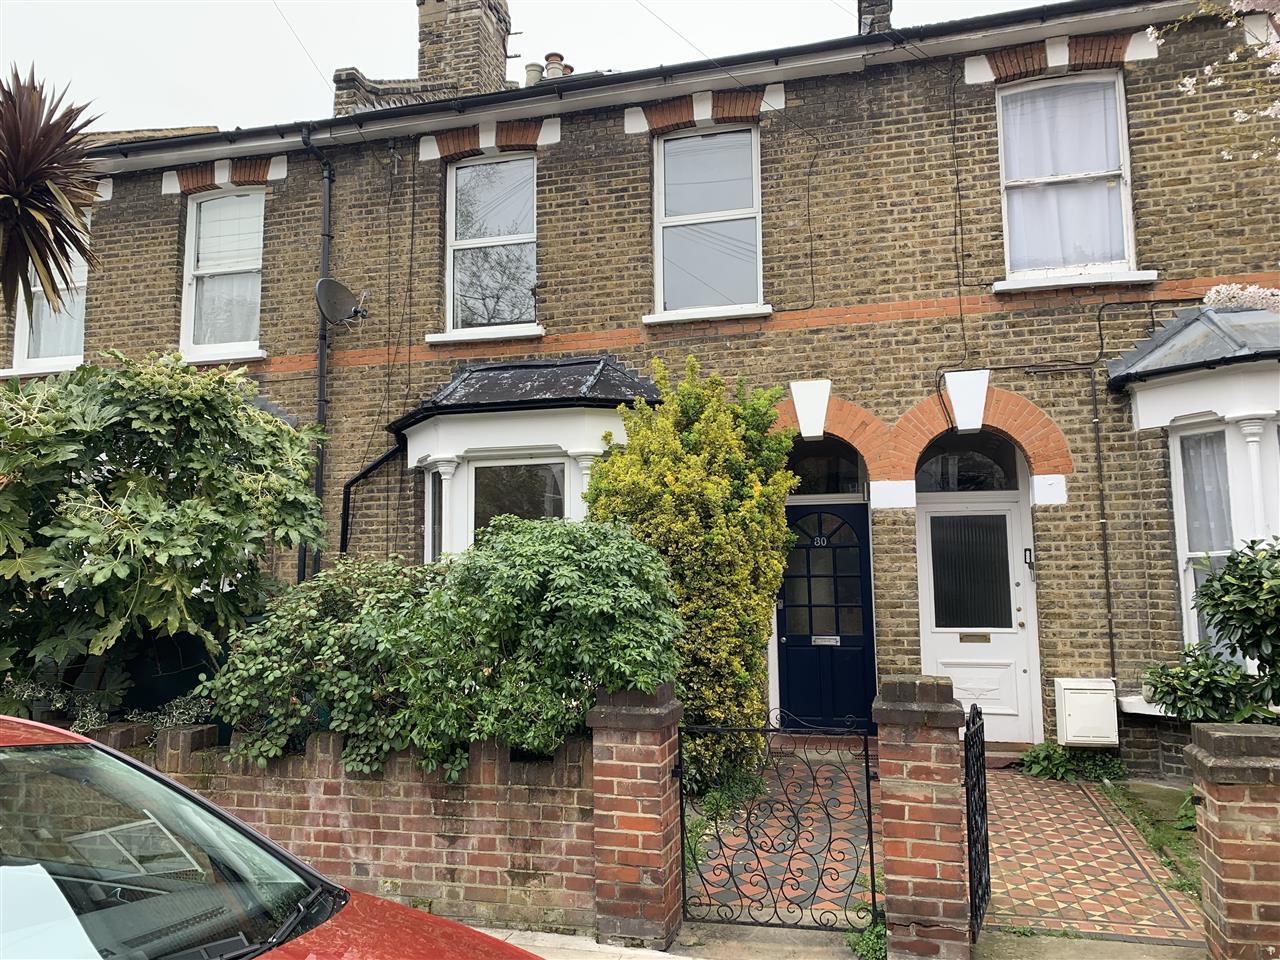 4 bed house to rent in Yerbury Road, London, N19